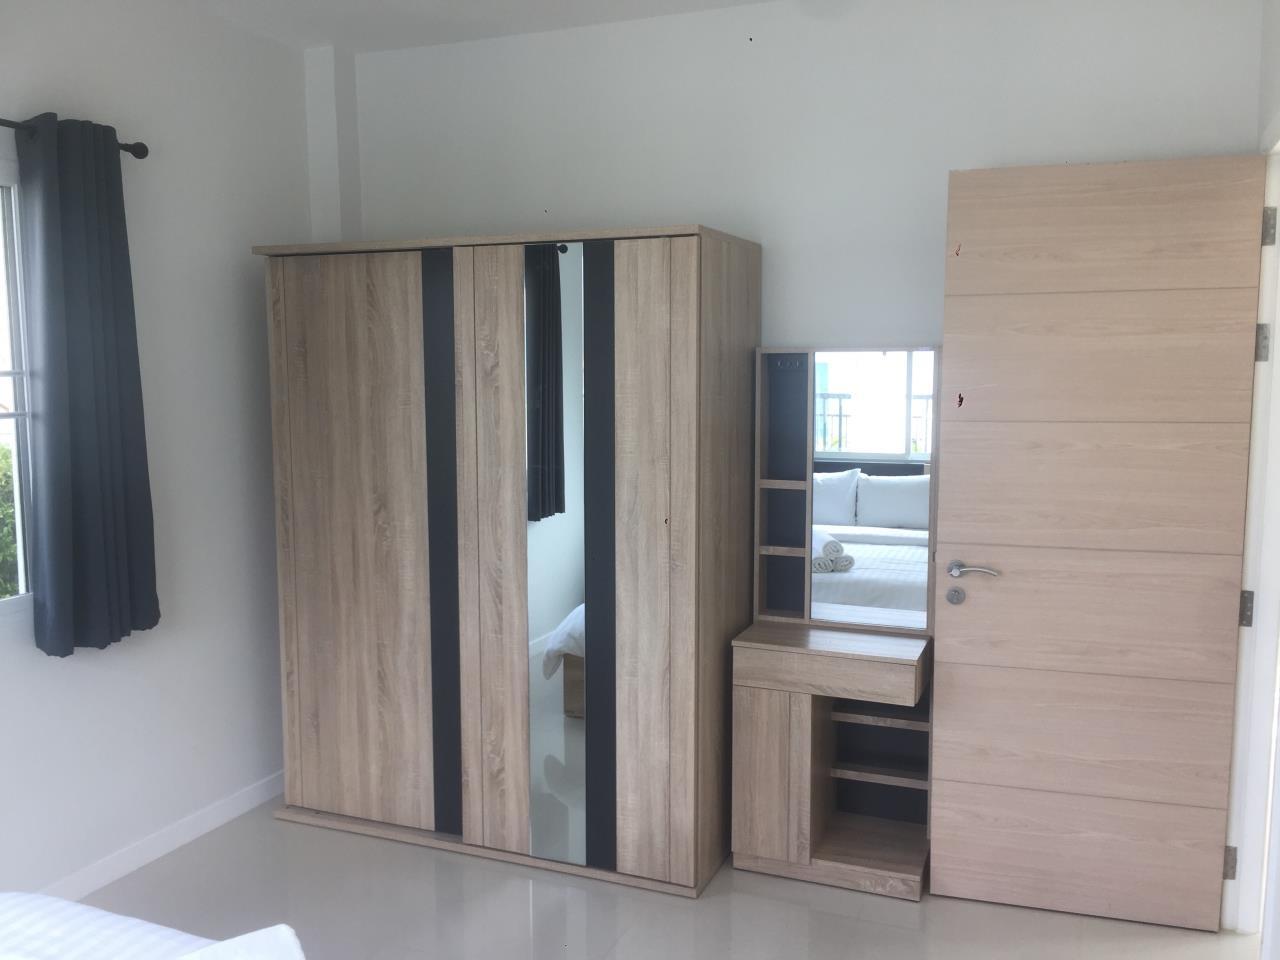 RE/MAX BestLife Agency's  Sivana Hideaway Sale 2 Bedroom Villa Hua Hin 10